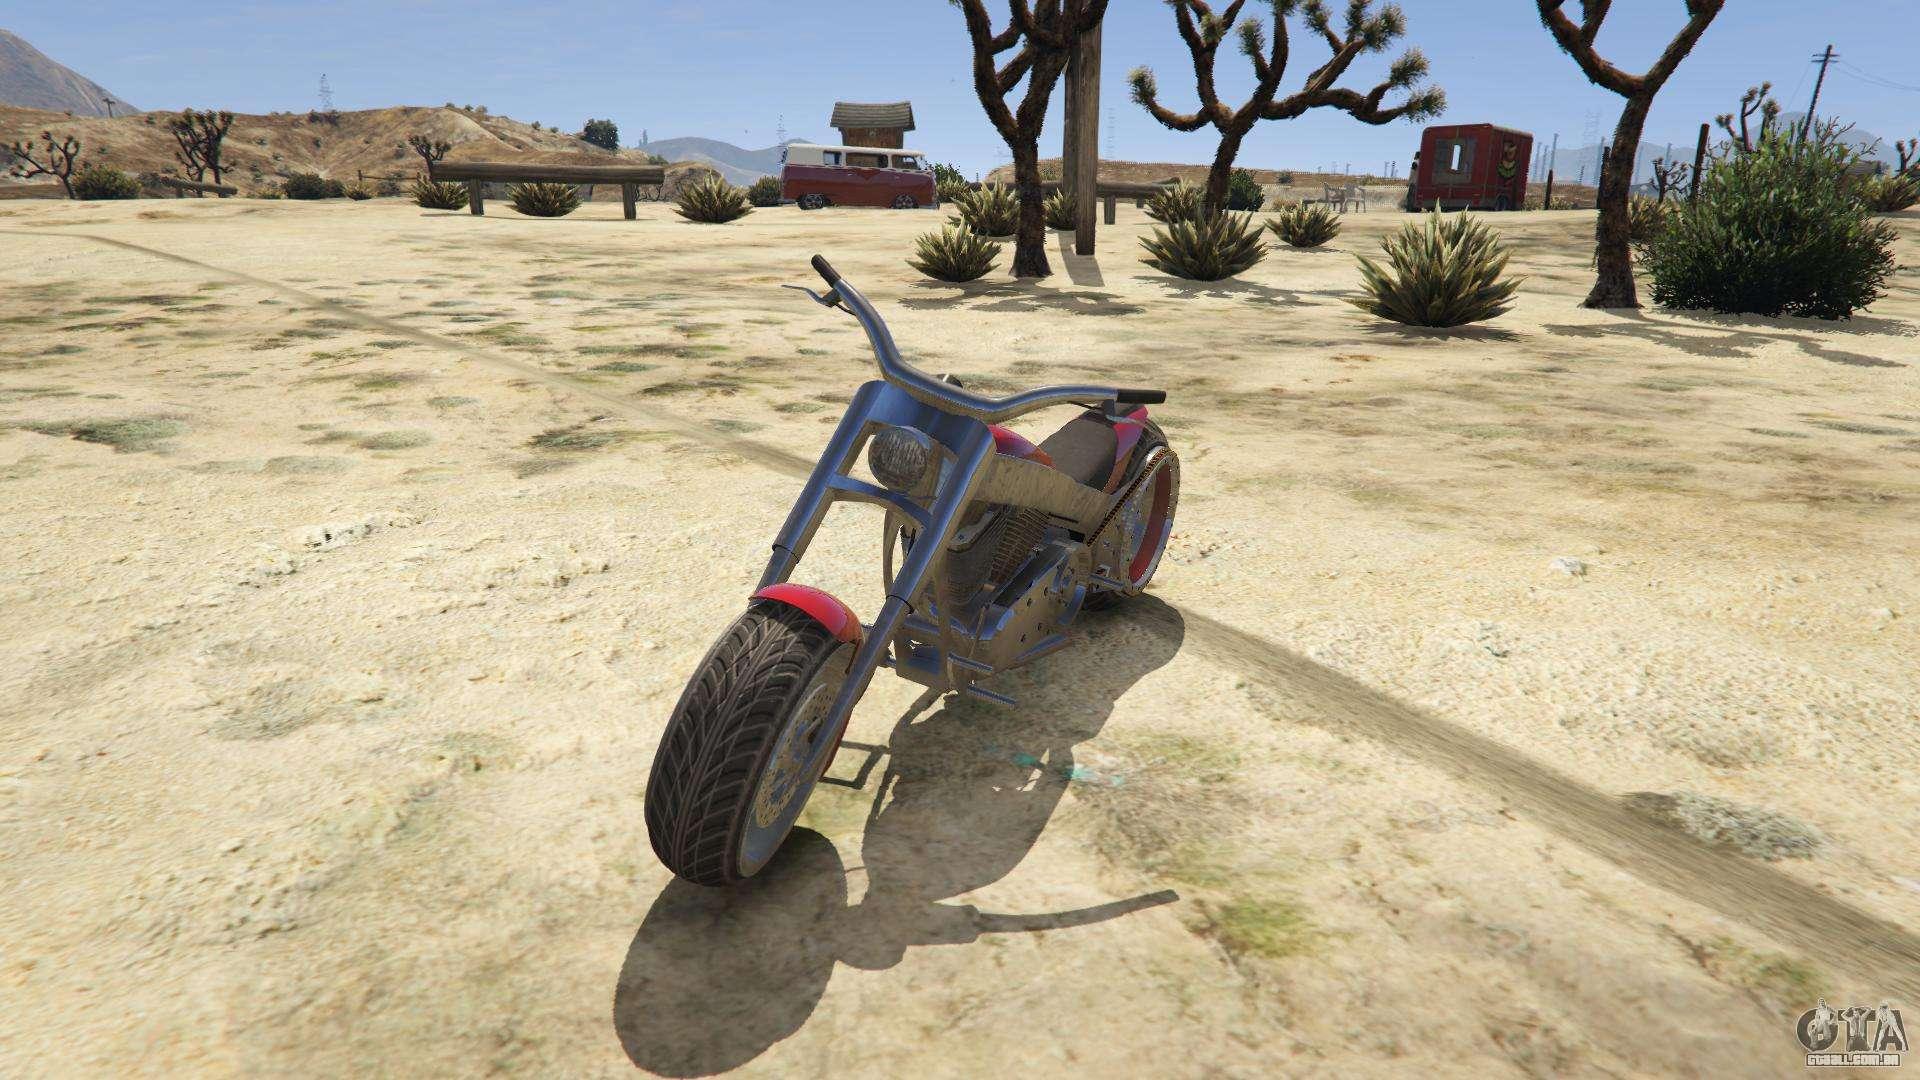 Liberty City Cycles Innovation do GTA 5